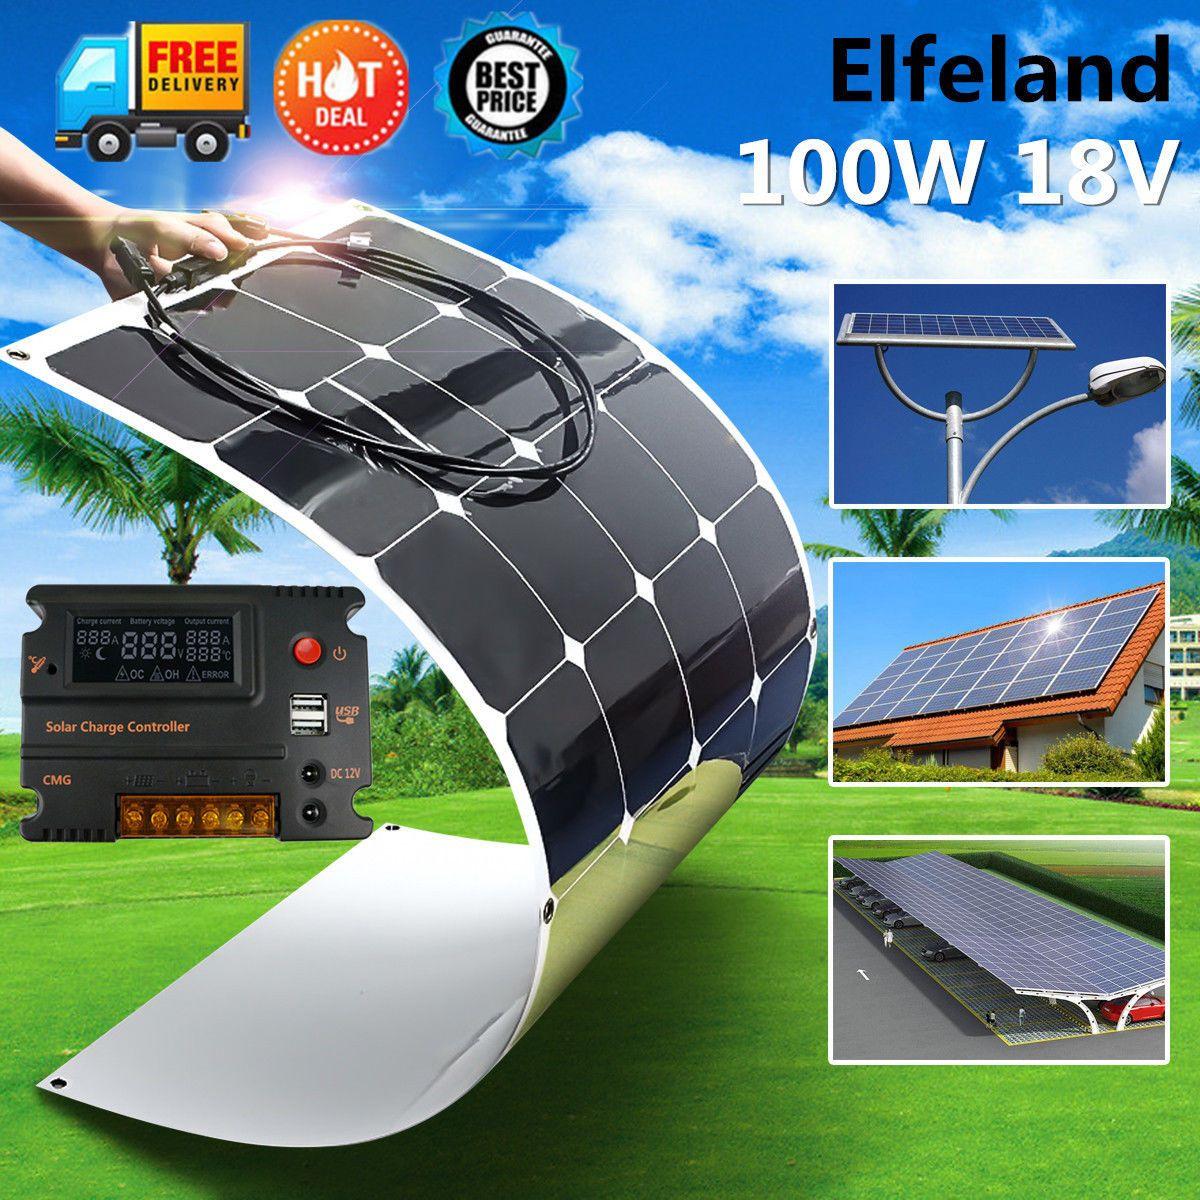 Elfeland Solar Panels Ebay Electronics Solar Panels Solar Panel Kits Solar Panels Information